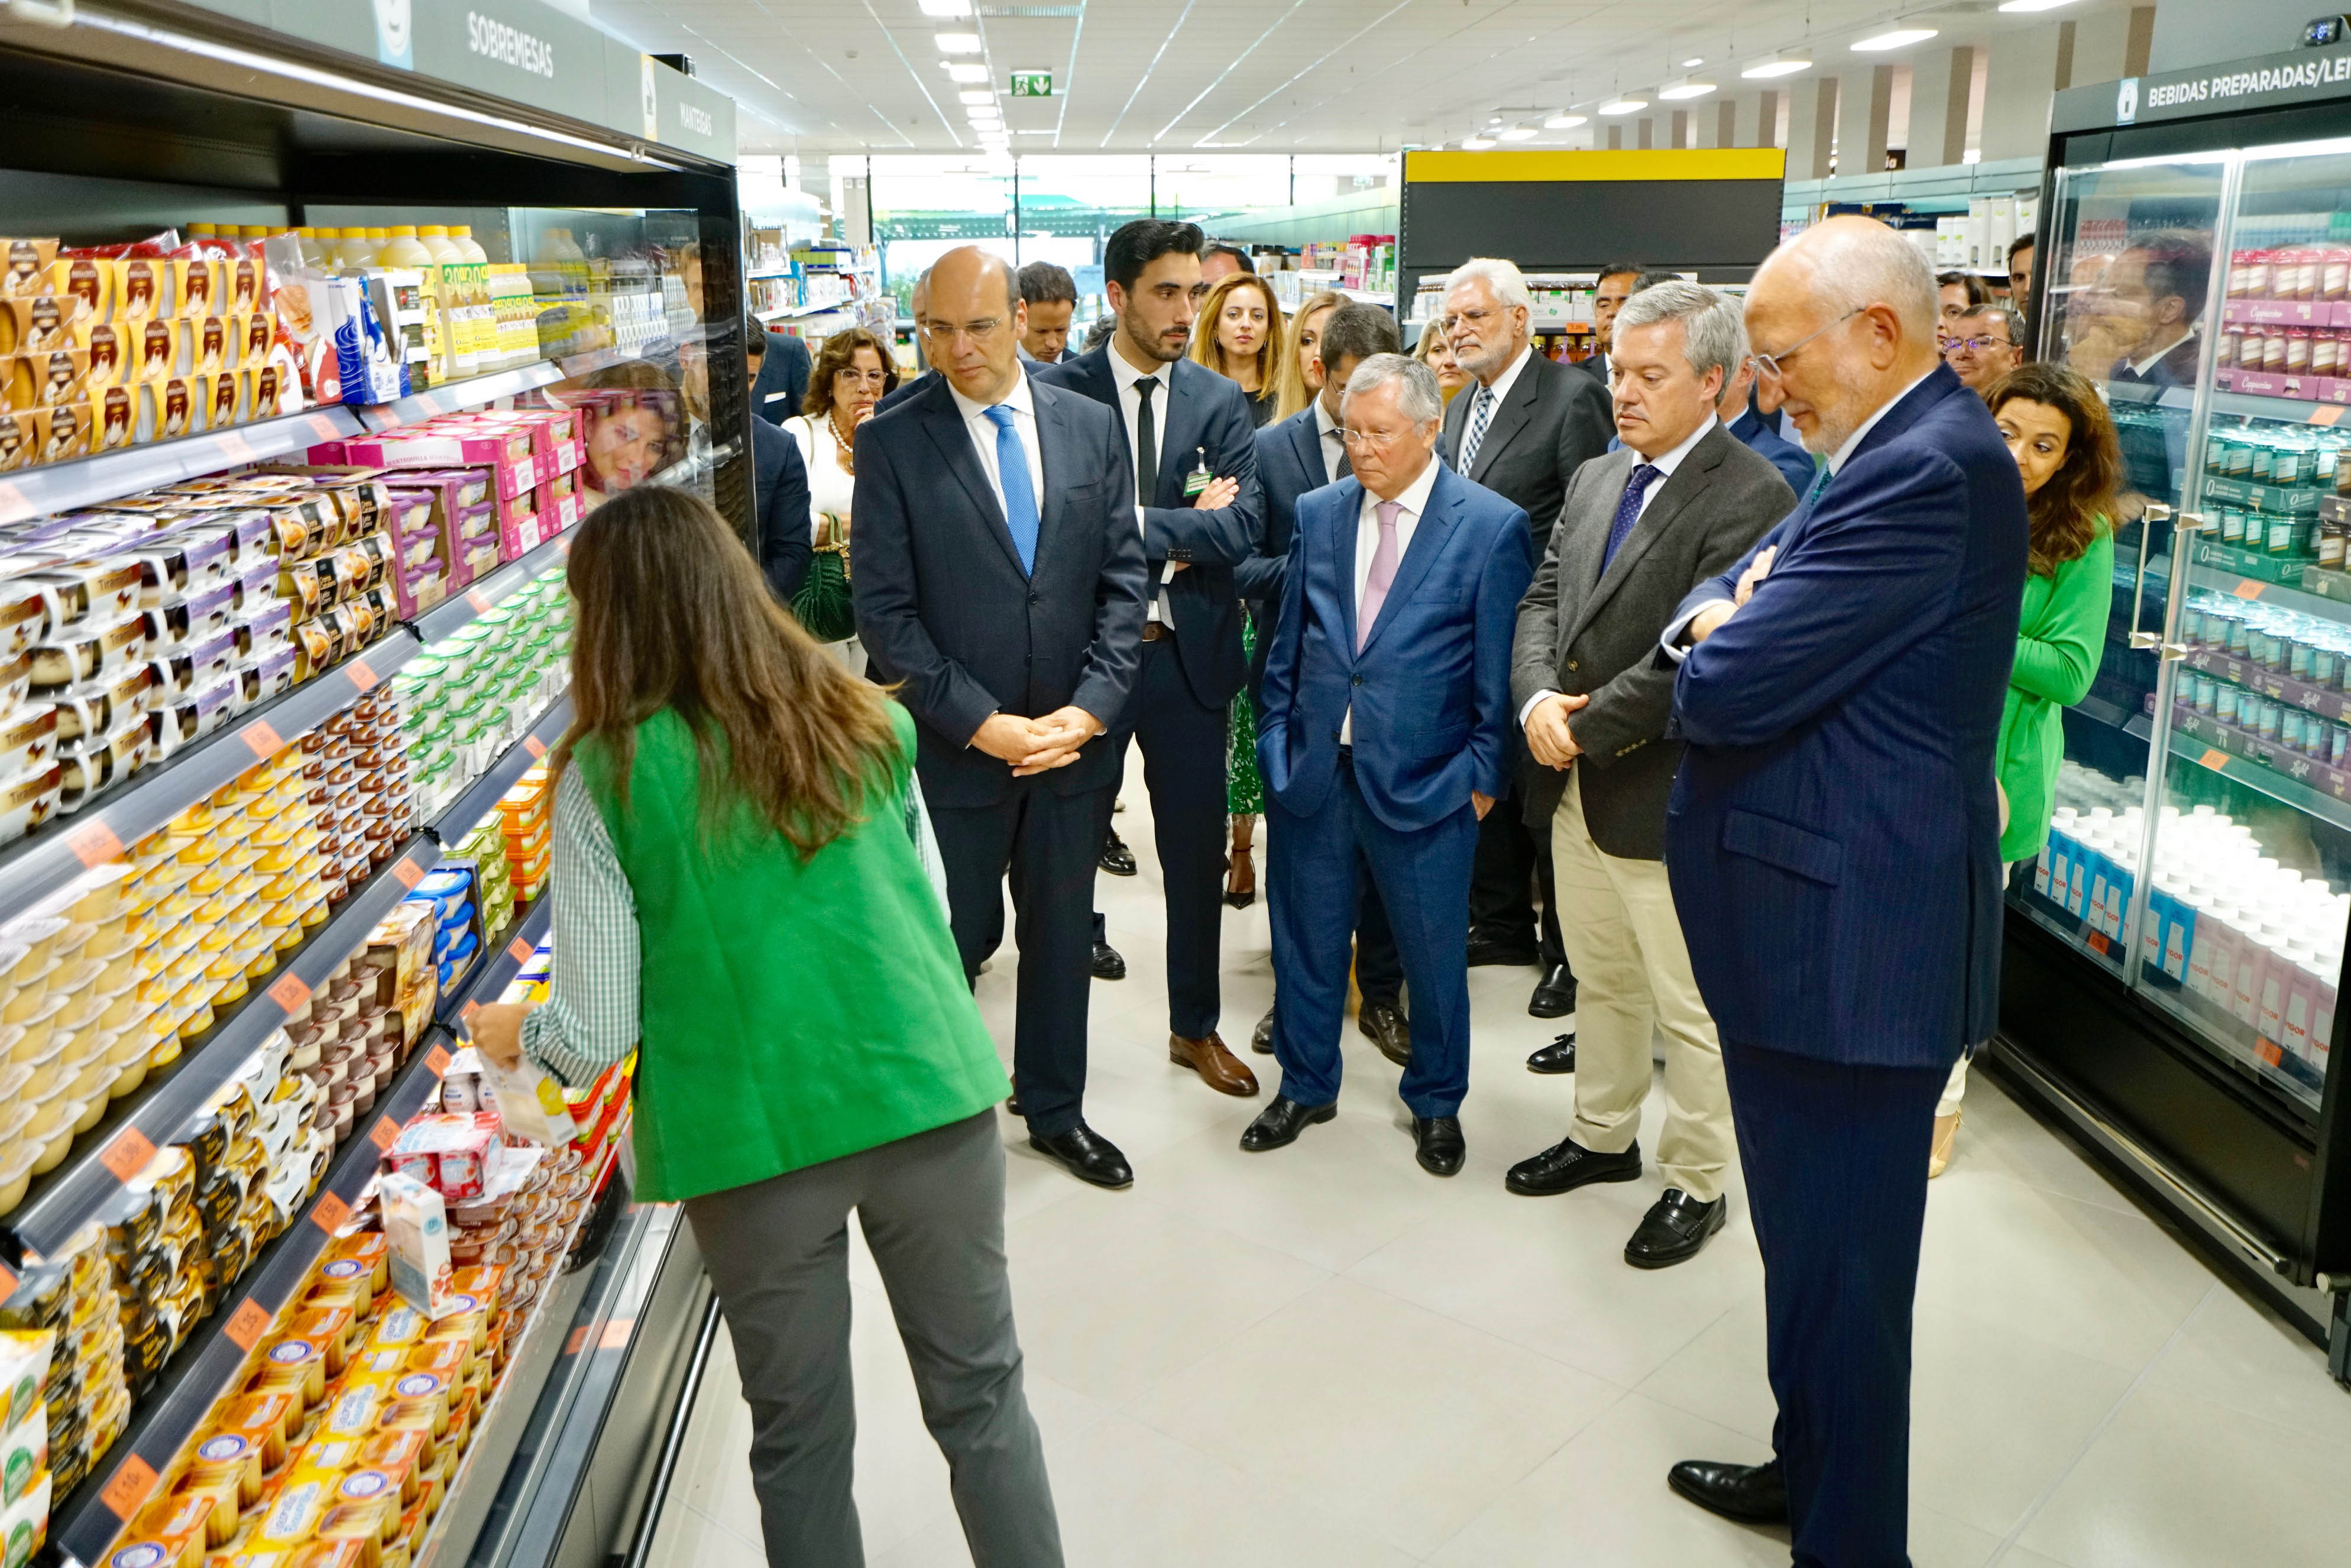 JuanRoig, presidente executivo, veio a Portugal anunciar novidades, na véspera da abertura da primeira loja em Portugal. / Mercadona